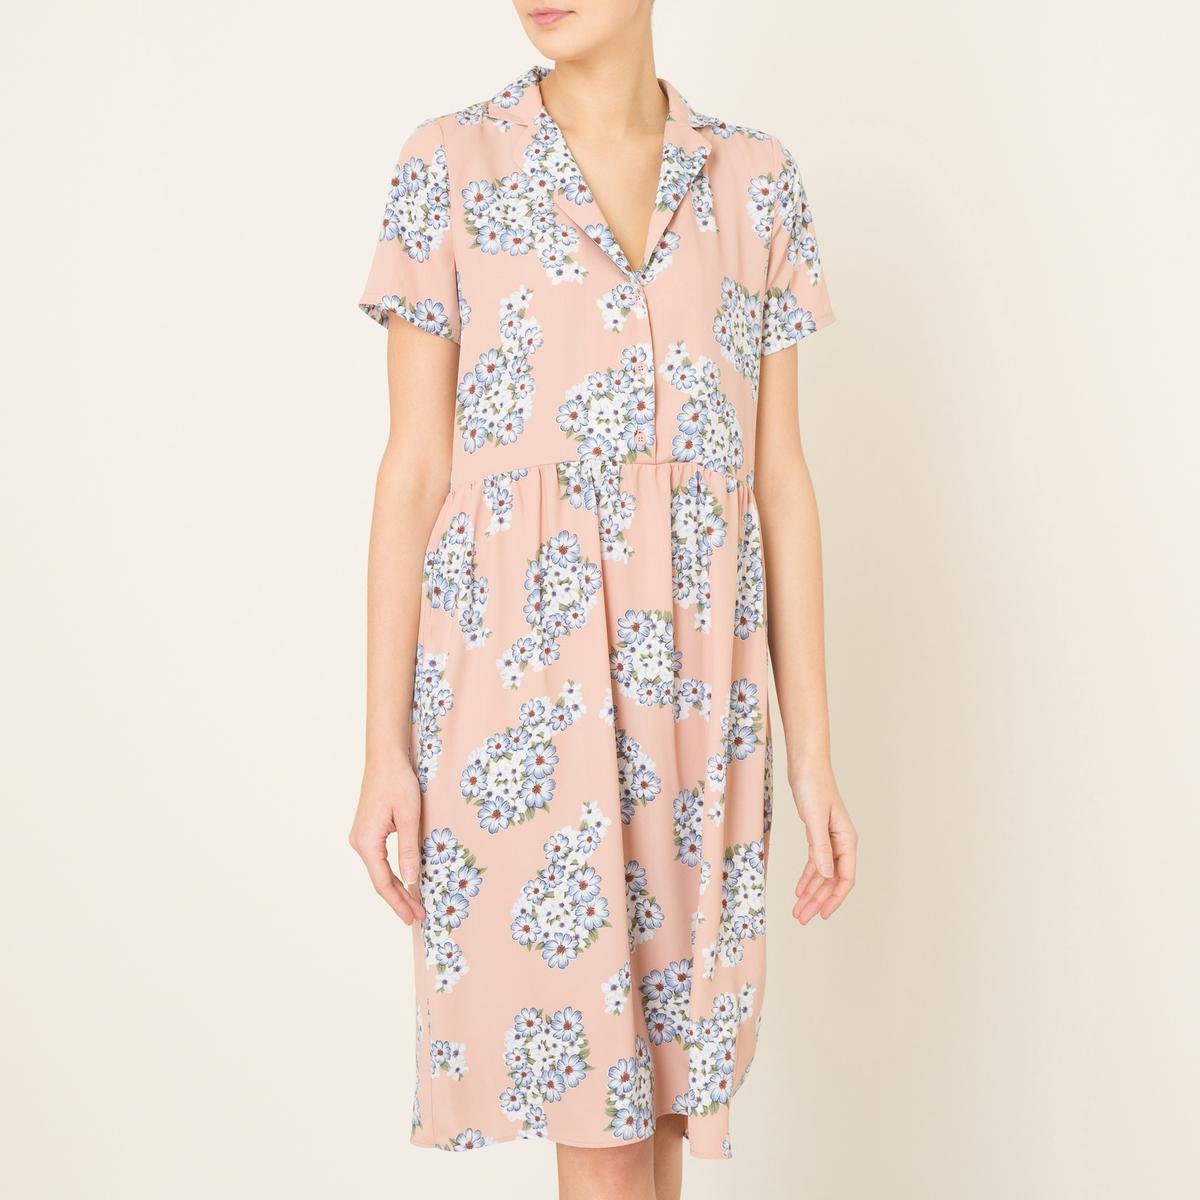 Платье BARNEYСостав и описание Материал : 100% полиэстерДлина : ок. 104 см. (для размера S)Марка : LA BRAND BOUTIQUE<br><br>Цвет: наб. рисунок/ розовый<br>Размер: S